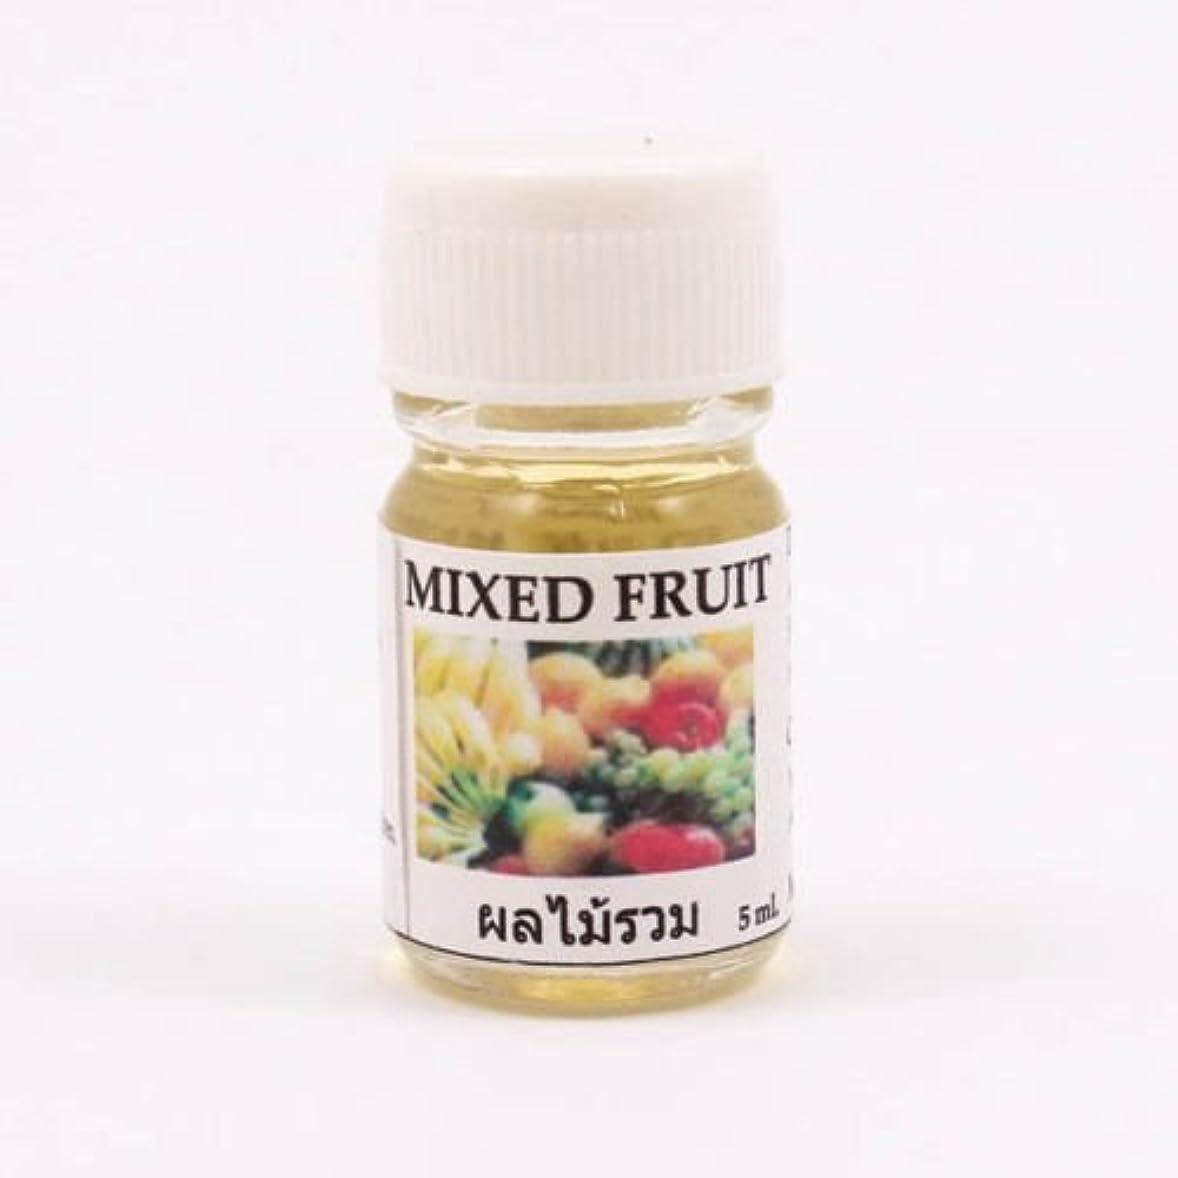 強盗噛むモロニック6X Mixed Fruit Aroma Fragrance Essential Oil 5ML Diffuser Burner Therapy